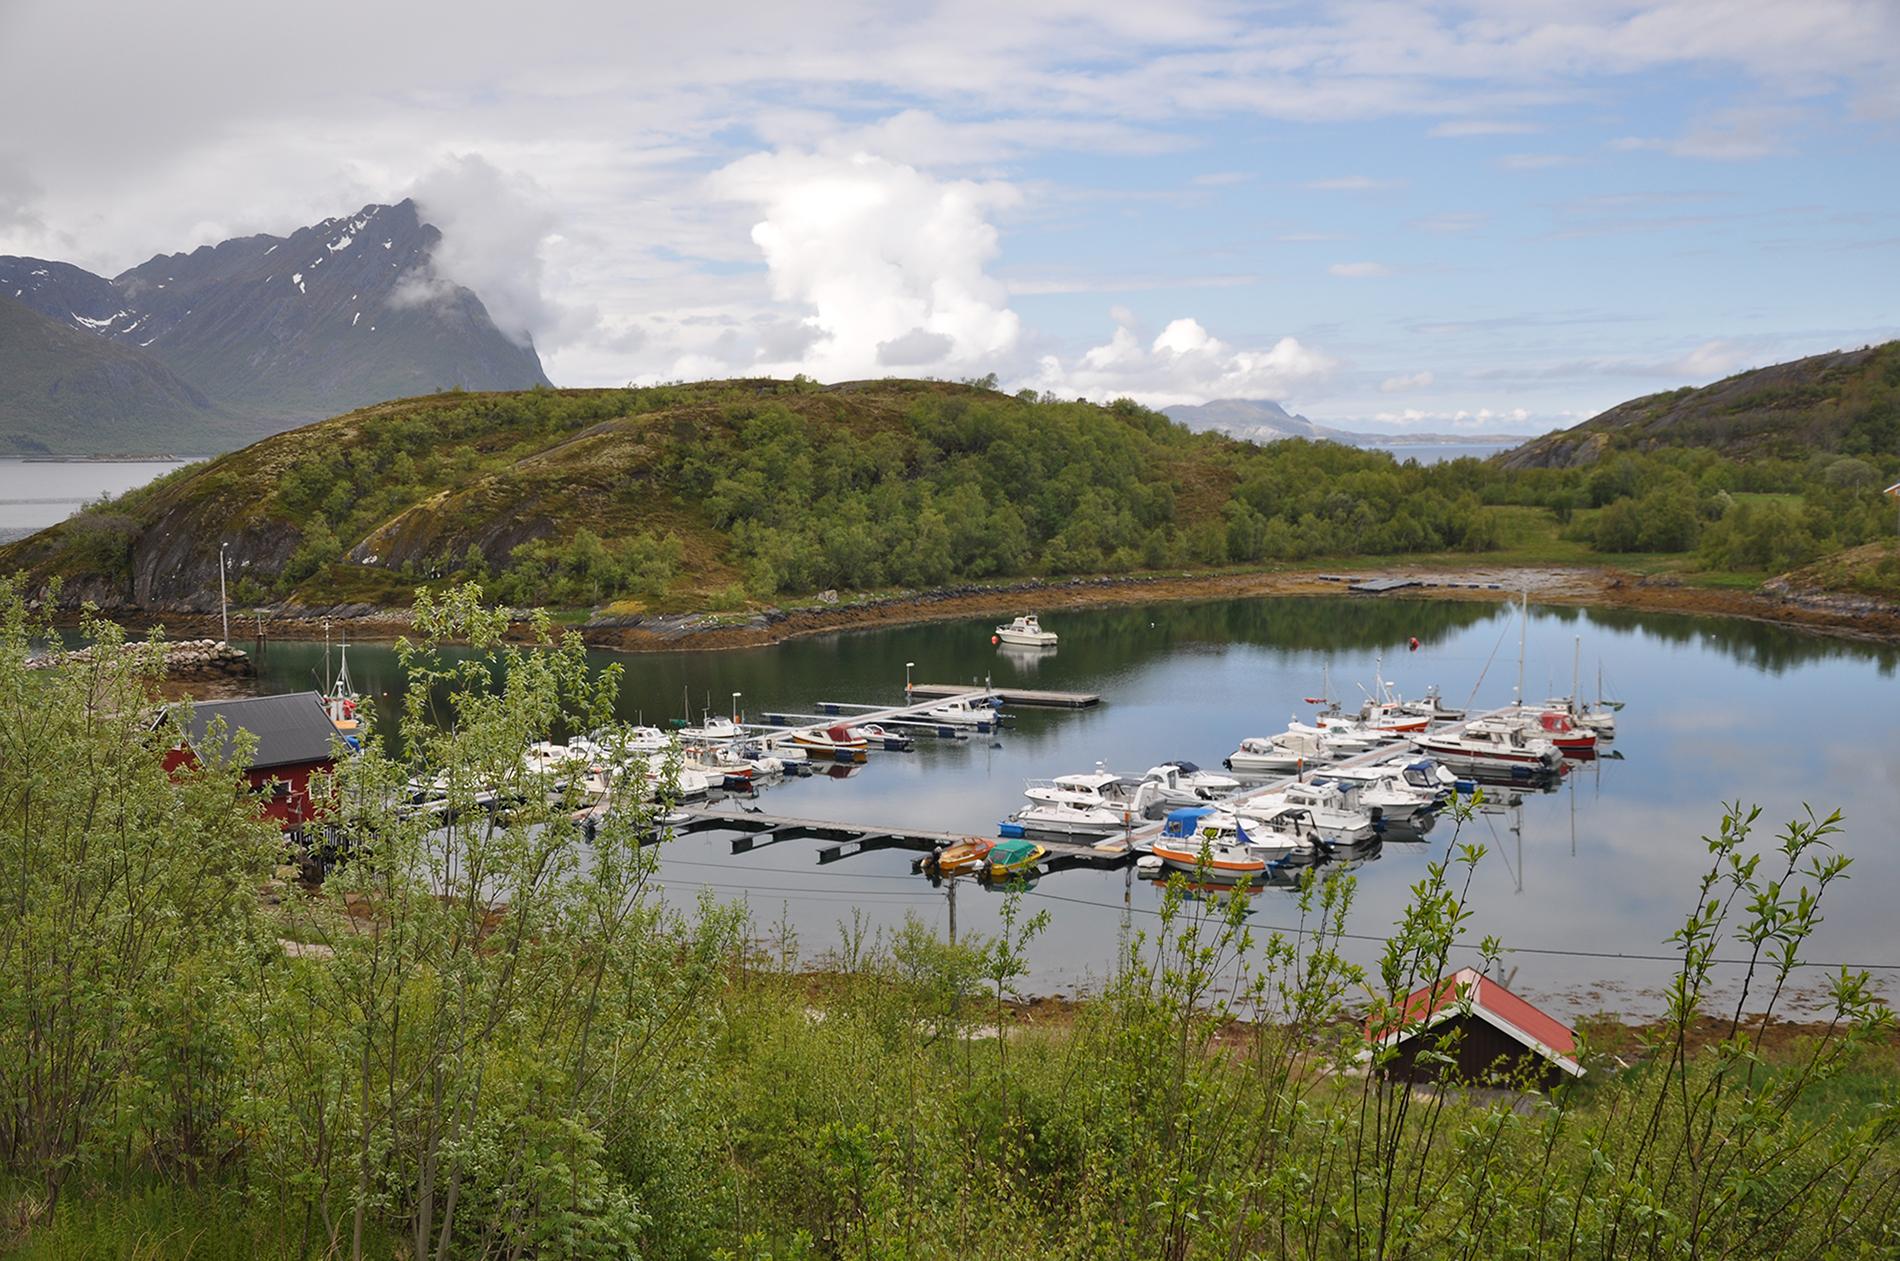 https://marinasolutions.no/uploads/Tjongsfjord003.jpg